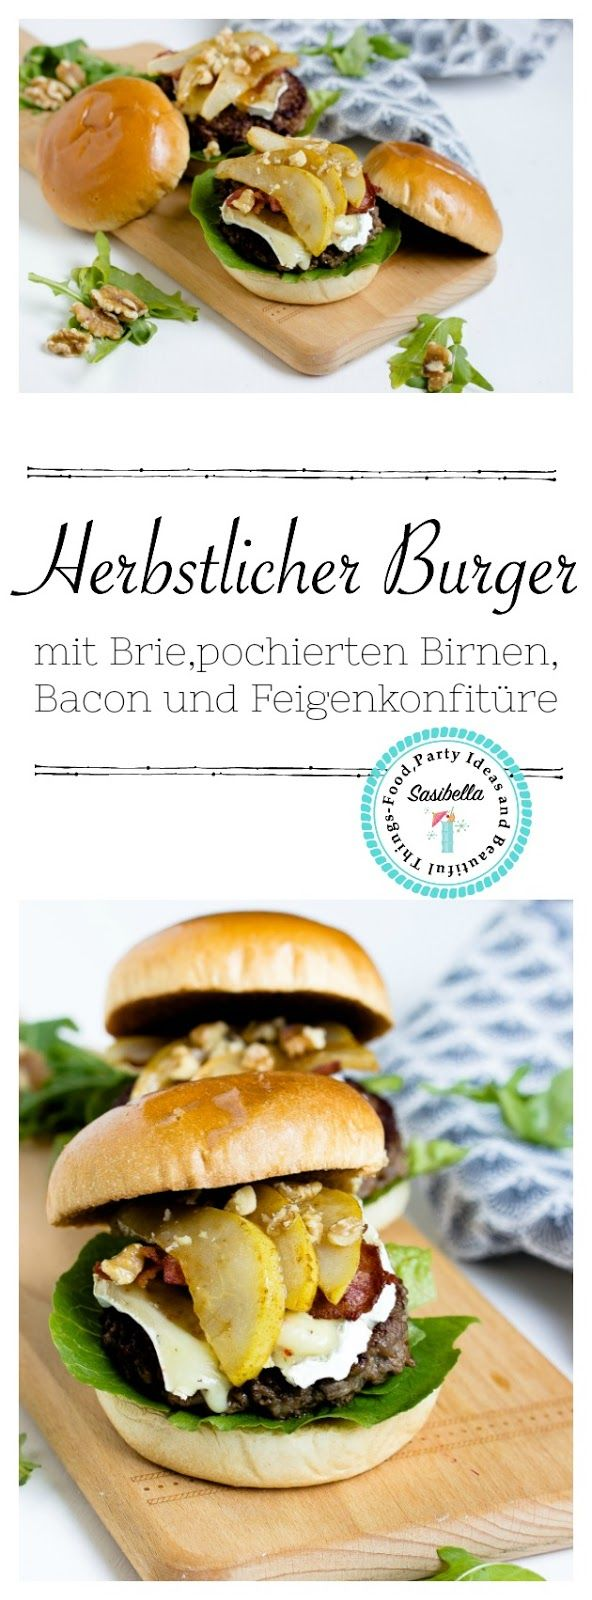 Ein raffiniertes Burger Rezept mit Brie, Bacon,pochierten Birnen,Walnüssen und Feigen Konfitüre. Ein leckerer Burger Belag.